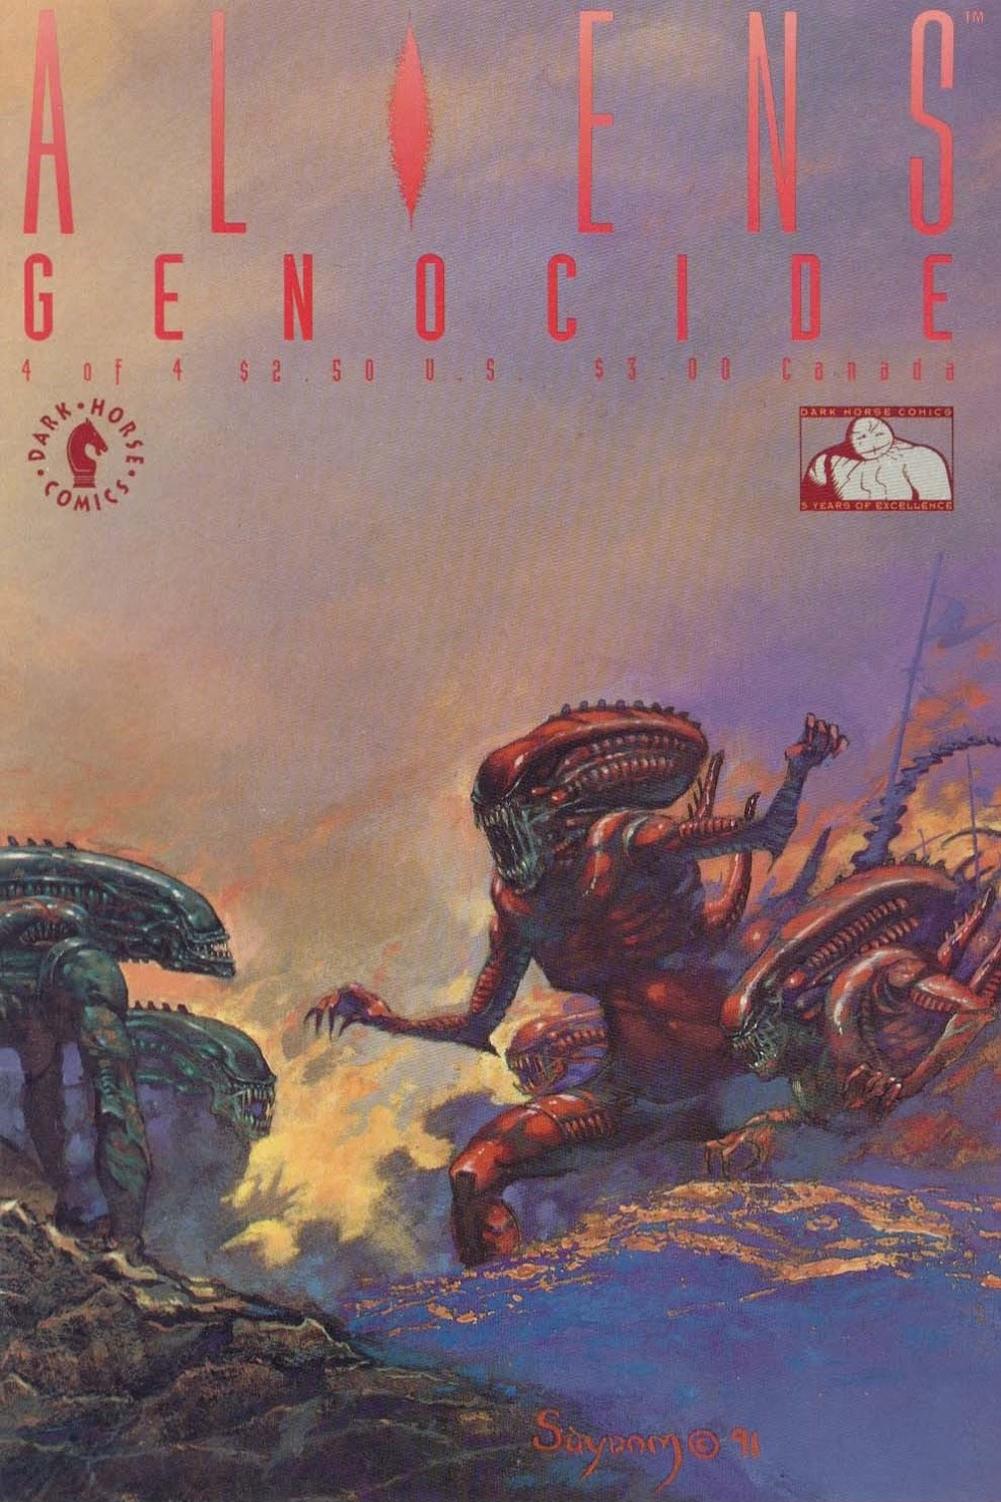 File:367318-21237-128535-1-aliens-genocide 4.jpg